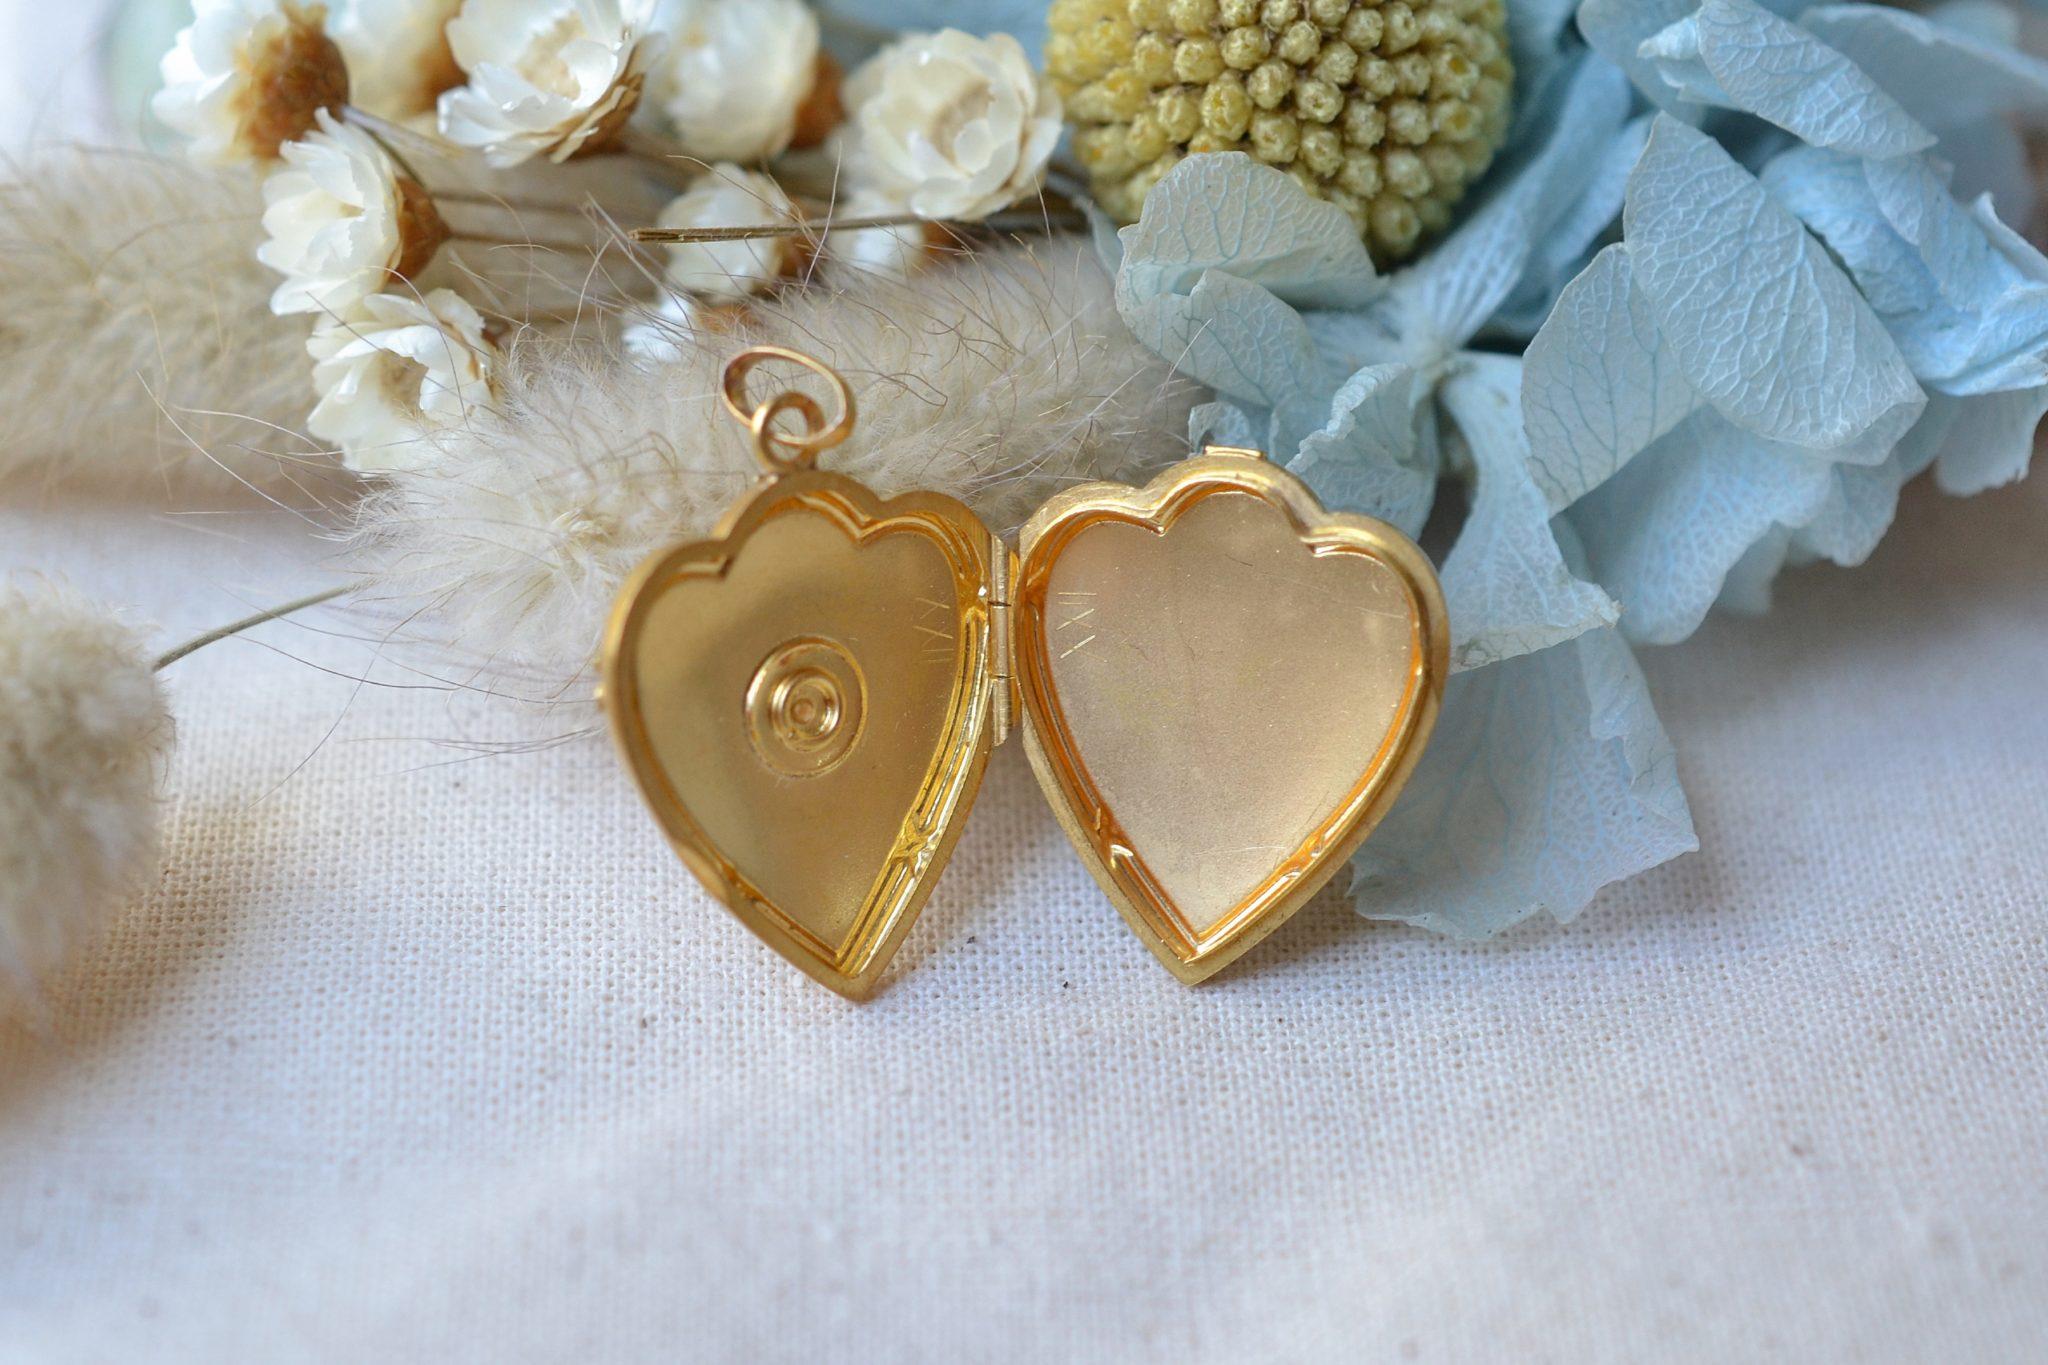 Pendentif porte-souvenir en forme de coeur en Or jaune, serti d_une perle sur un décor étoilé - bijou ancien